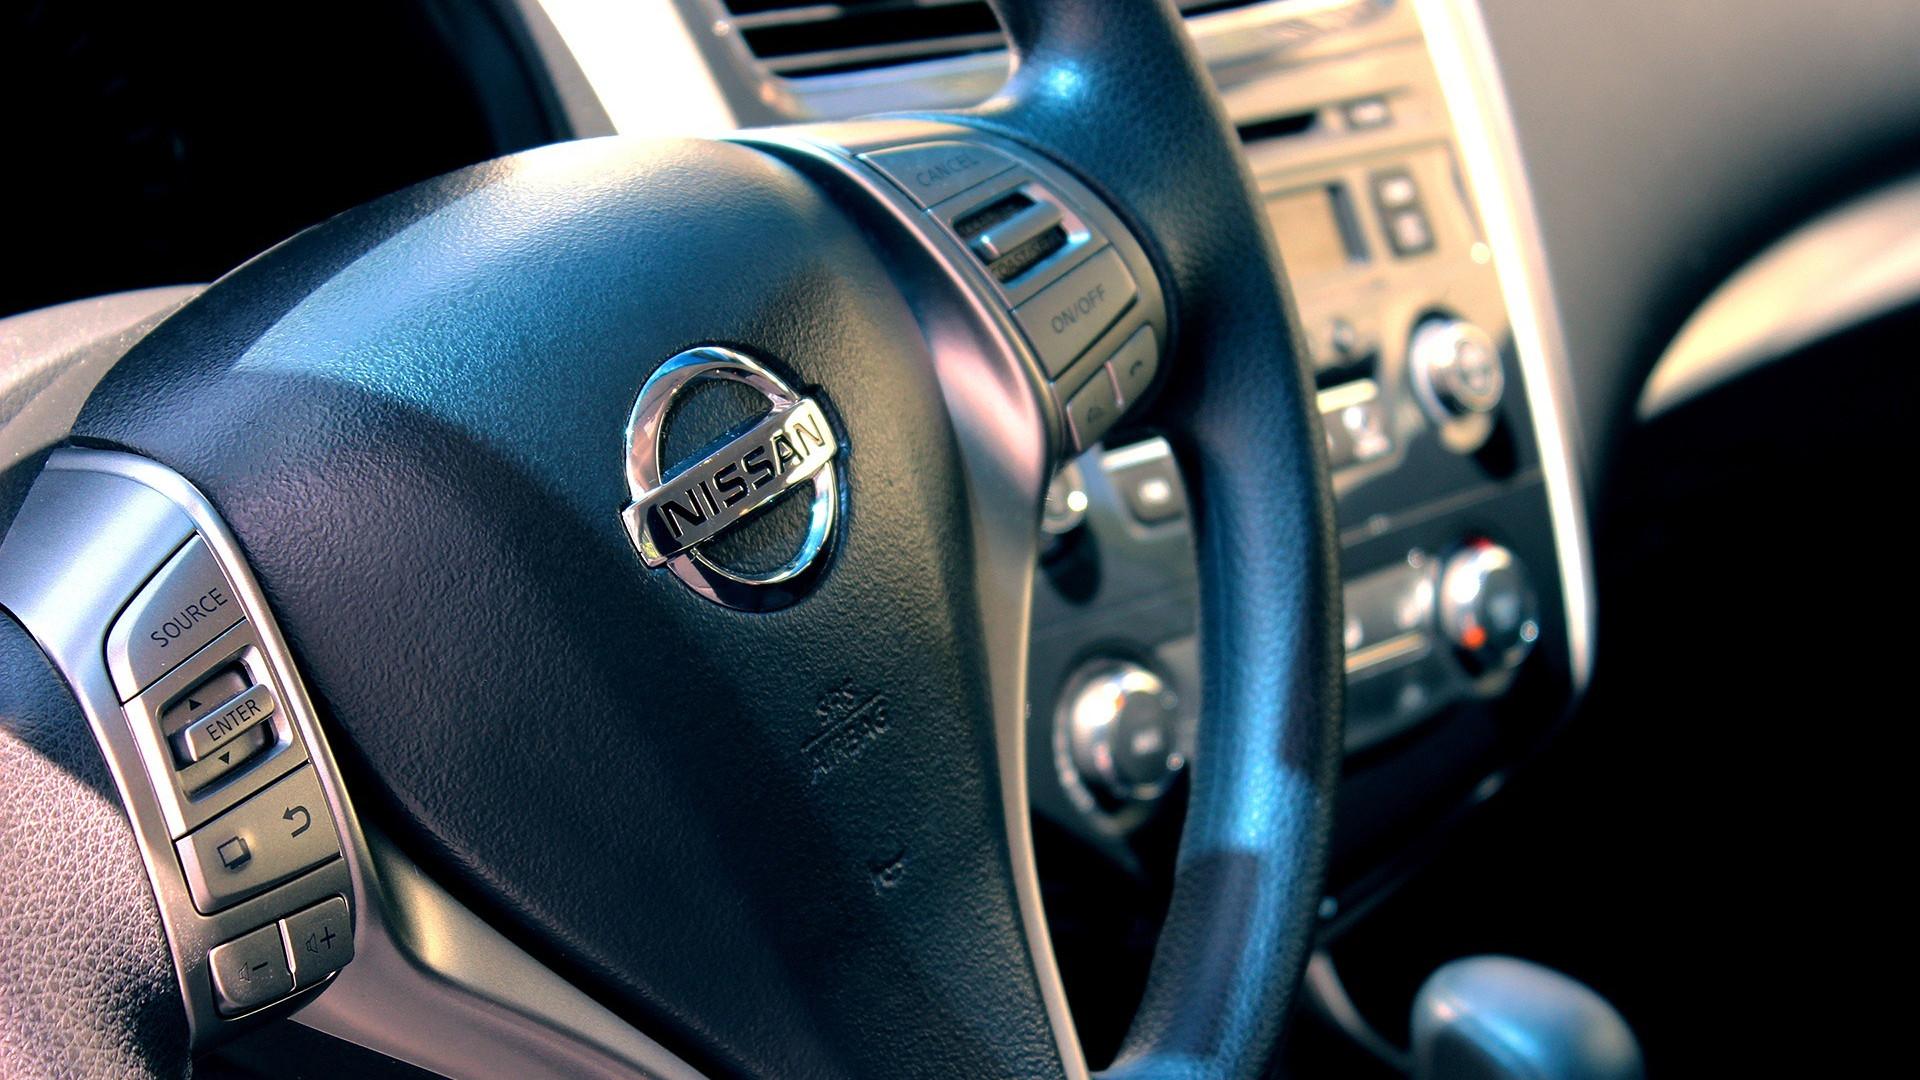 Un support pour ne plus avoir le téléphone dans les mains en voiture